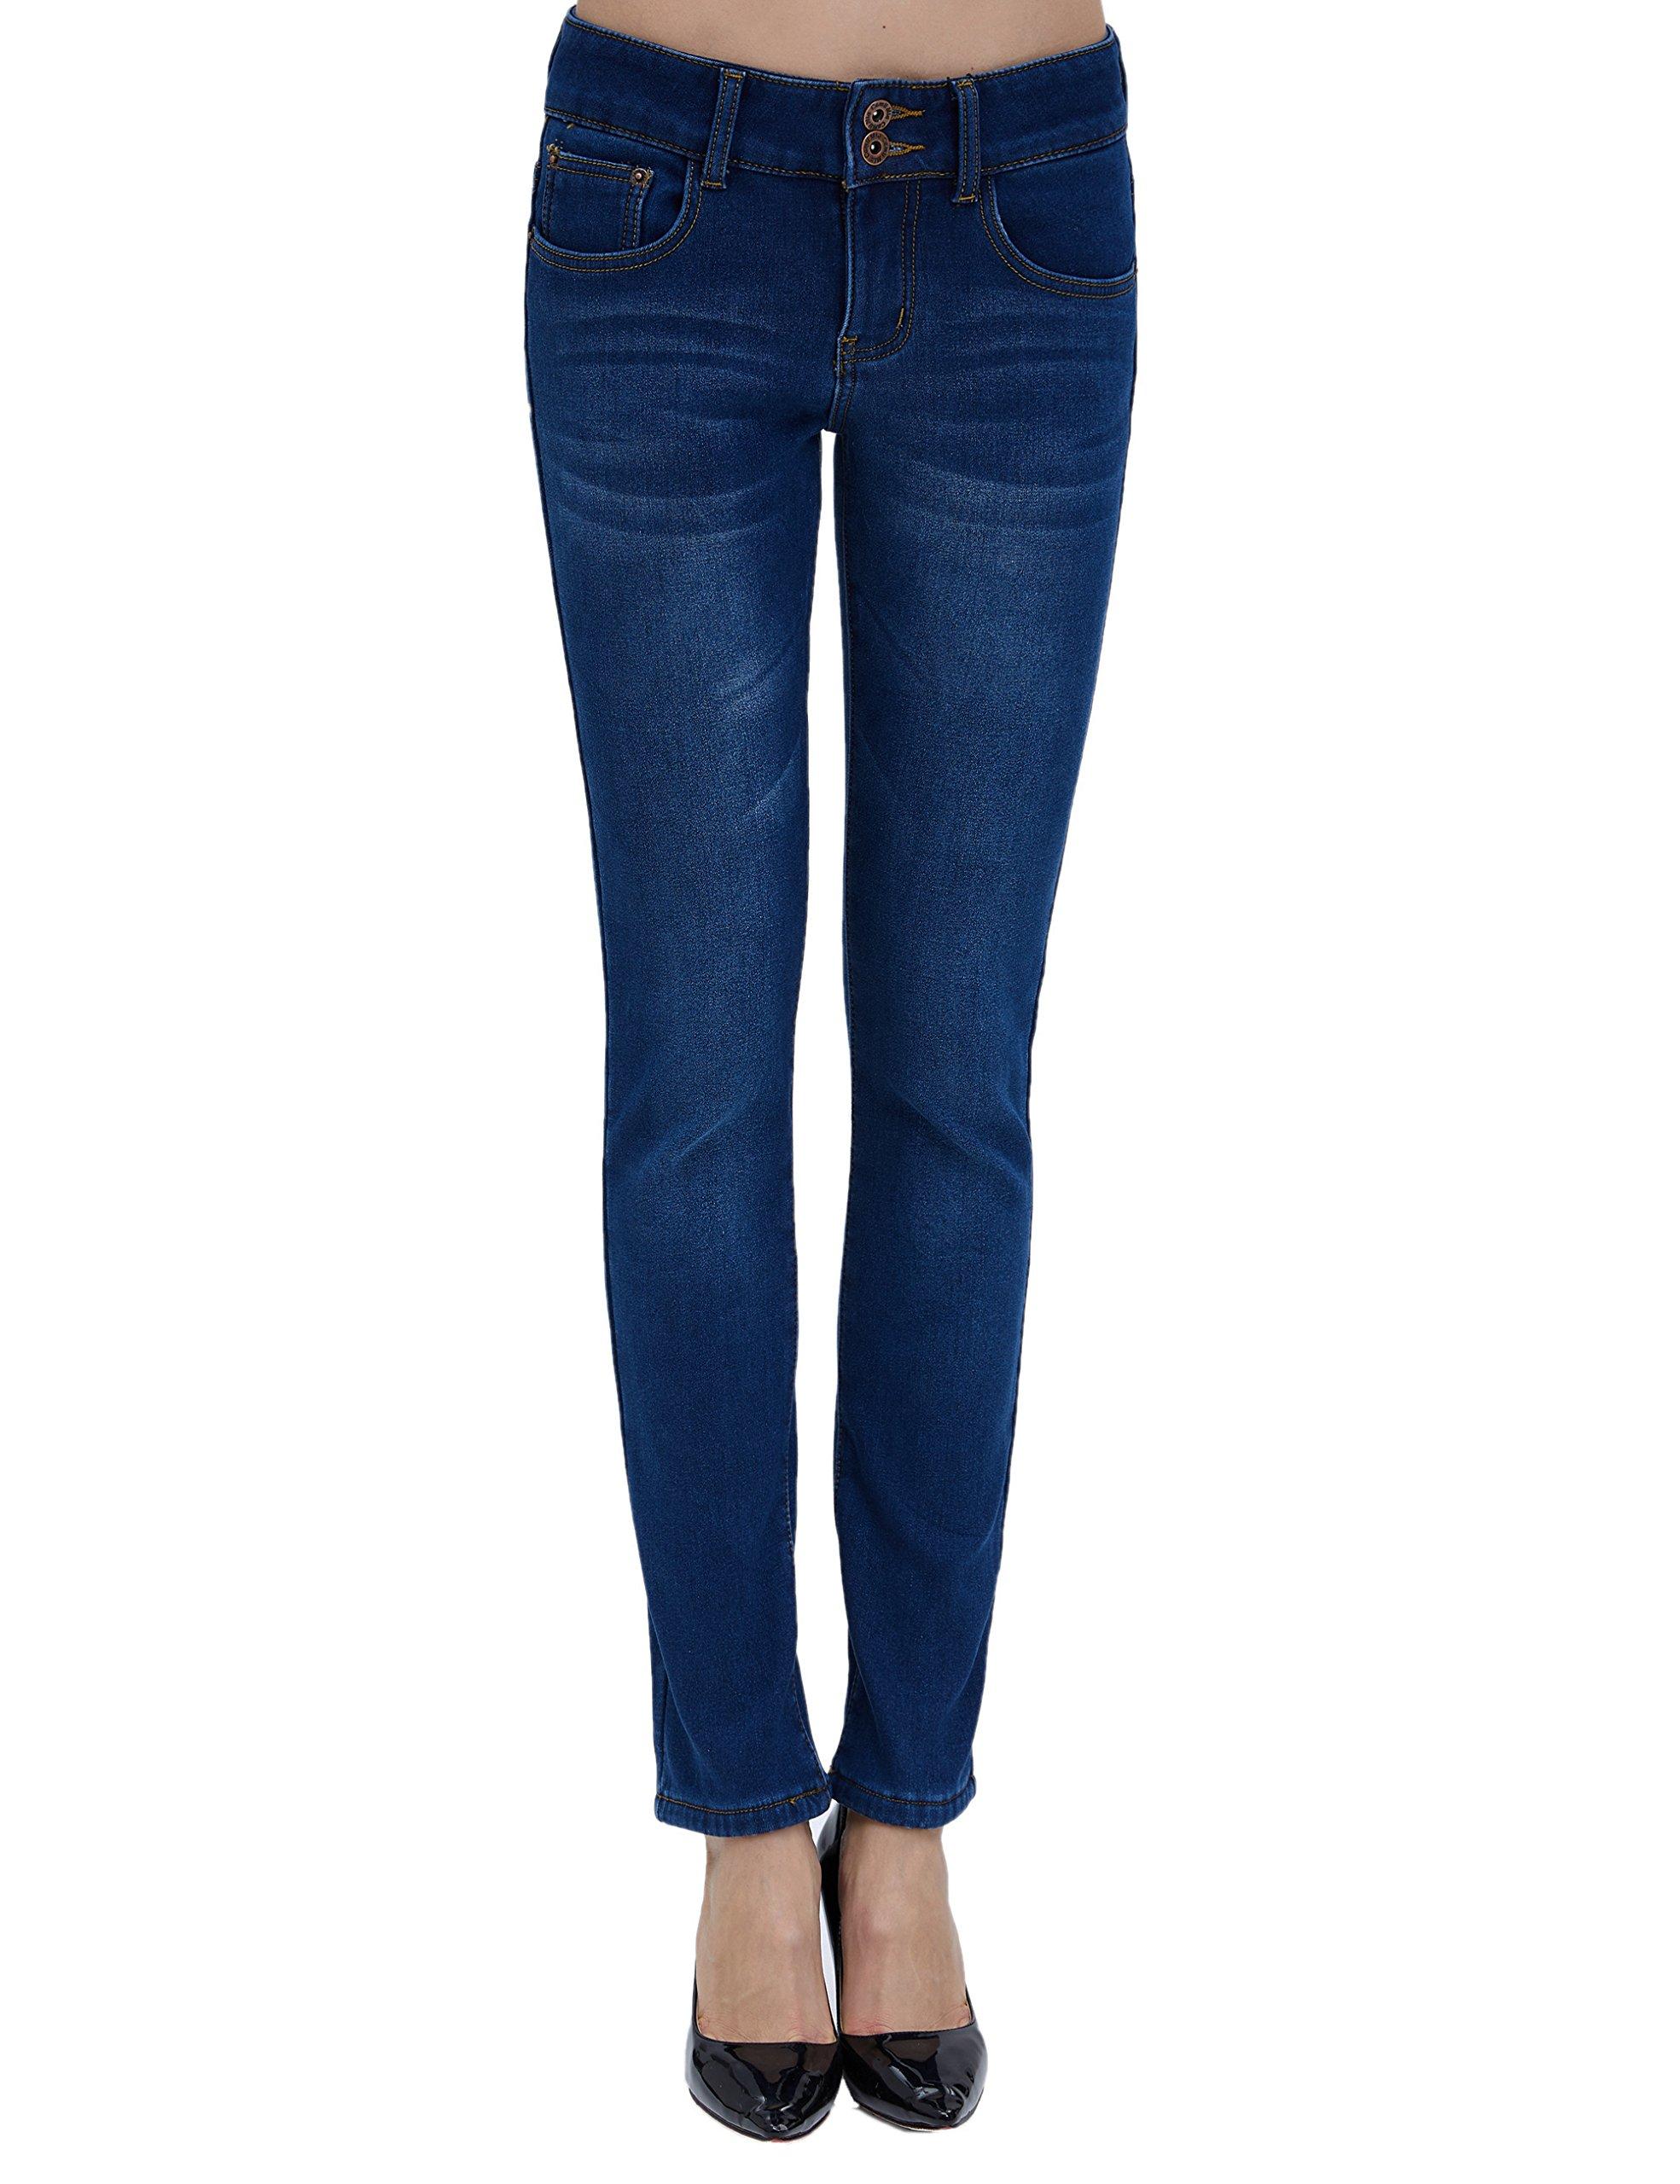 Camii Mia Women's Slim Fit Fleece Lined Jeans (W27 x L30, Blue (New Size)) by Camii Mia (Image #1)